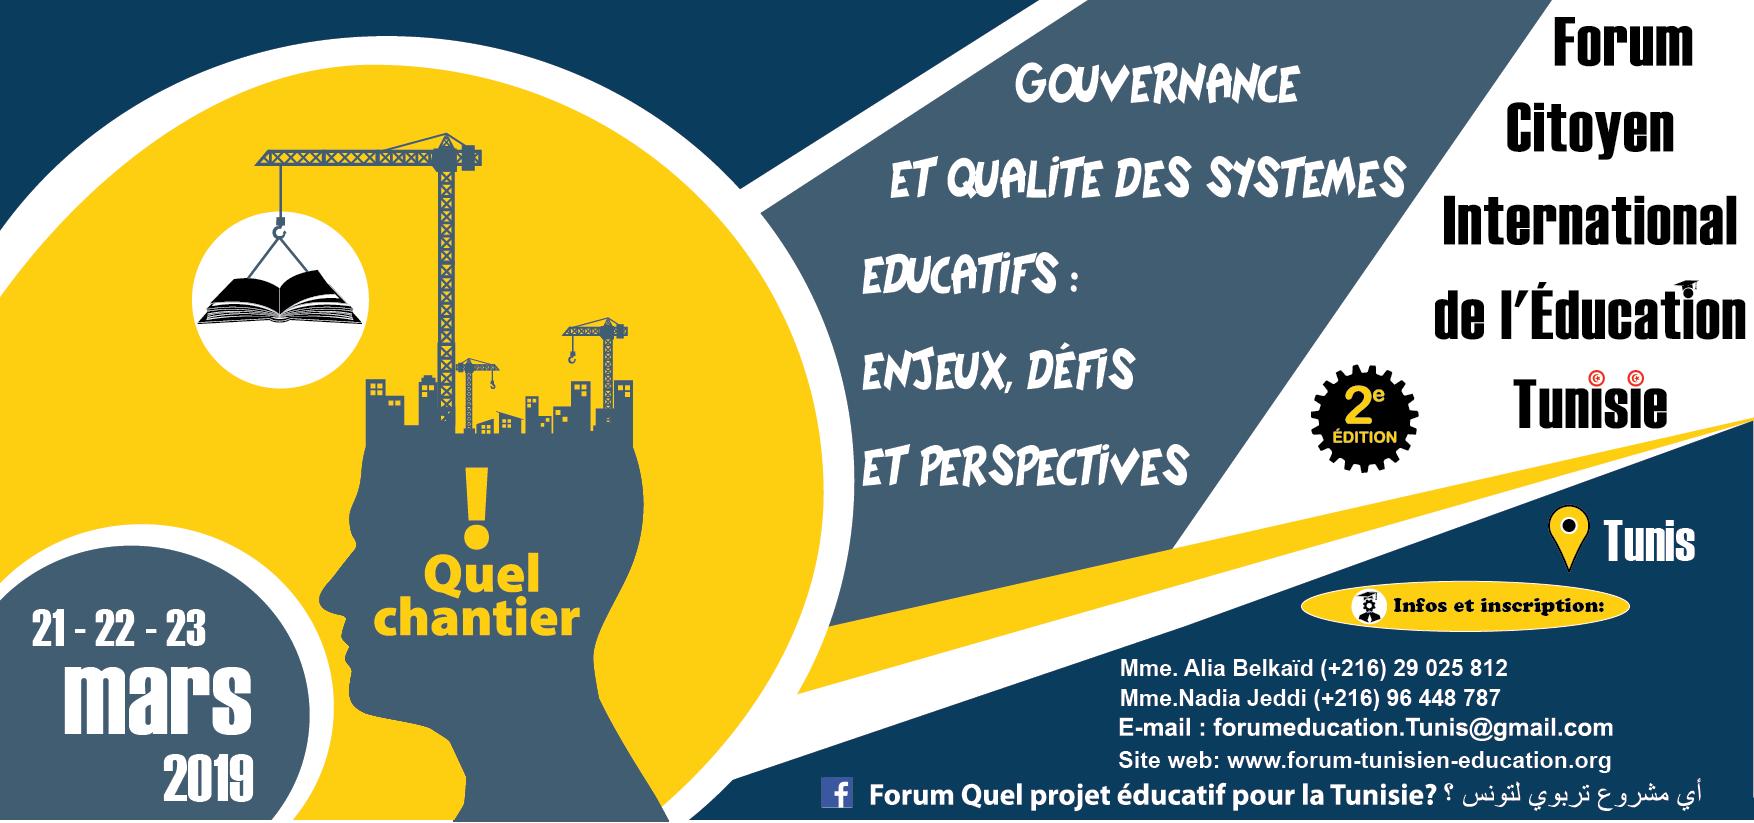 Forum international en éducation : Gouvernance et qualité des systèmes éducatifs